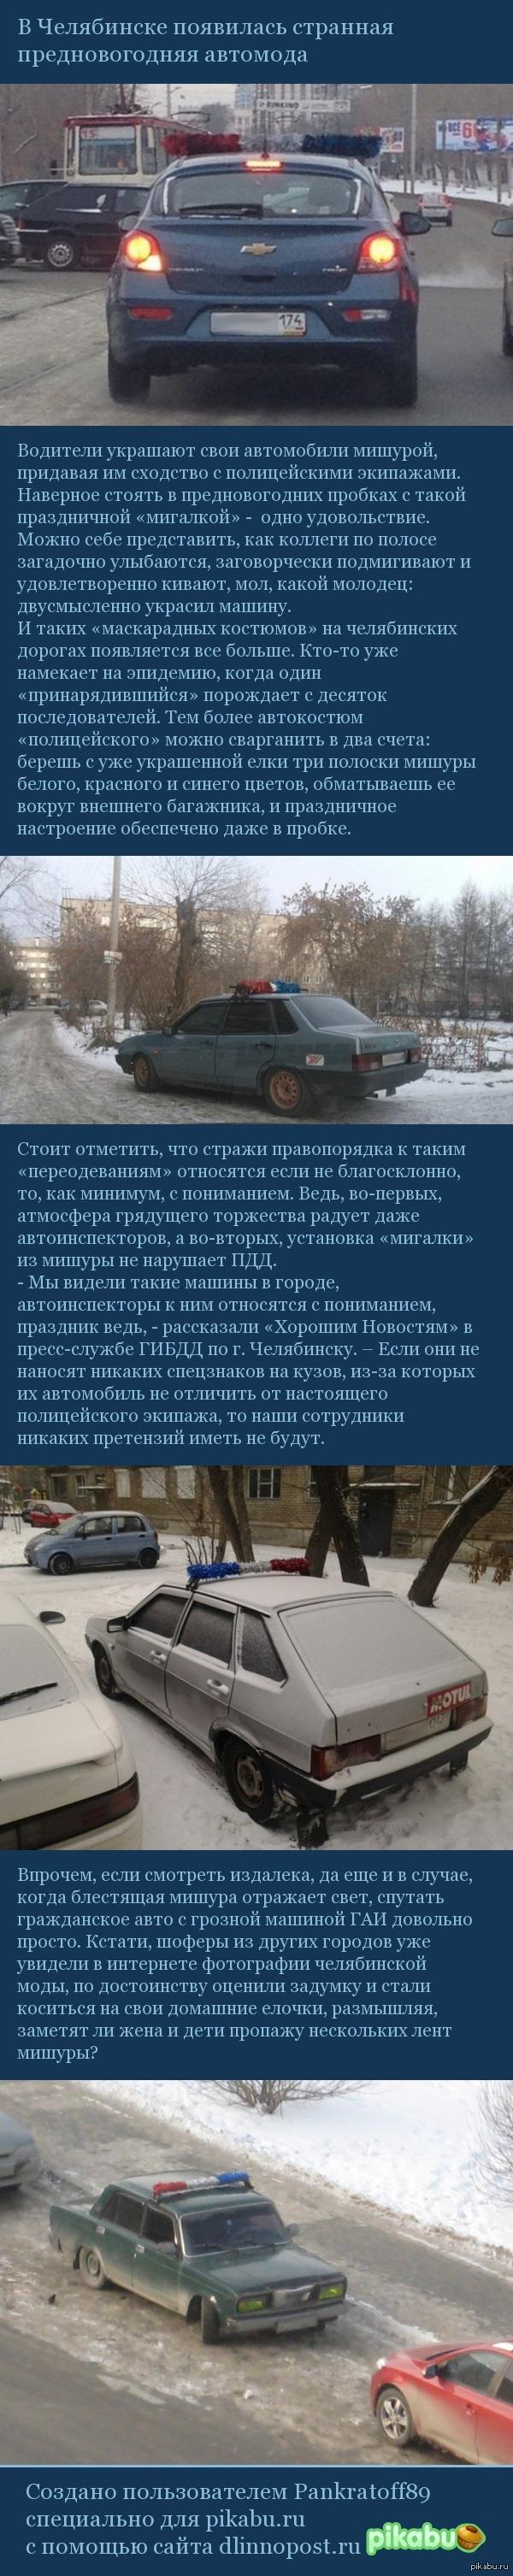 В Челябинске появилась странная предновогодняя автомода